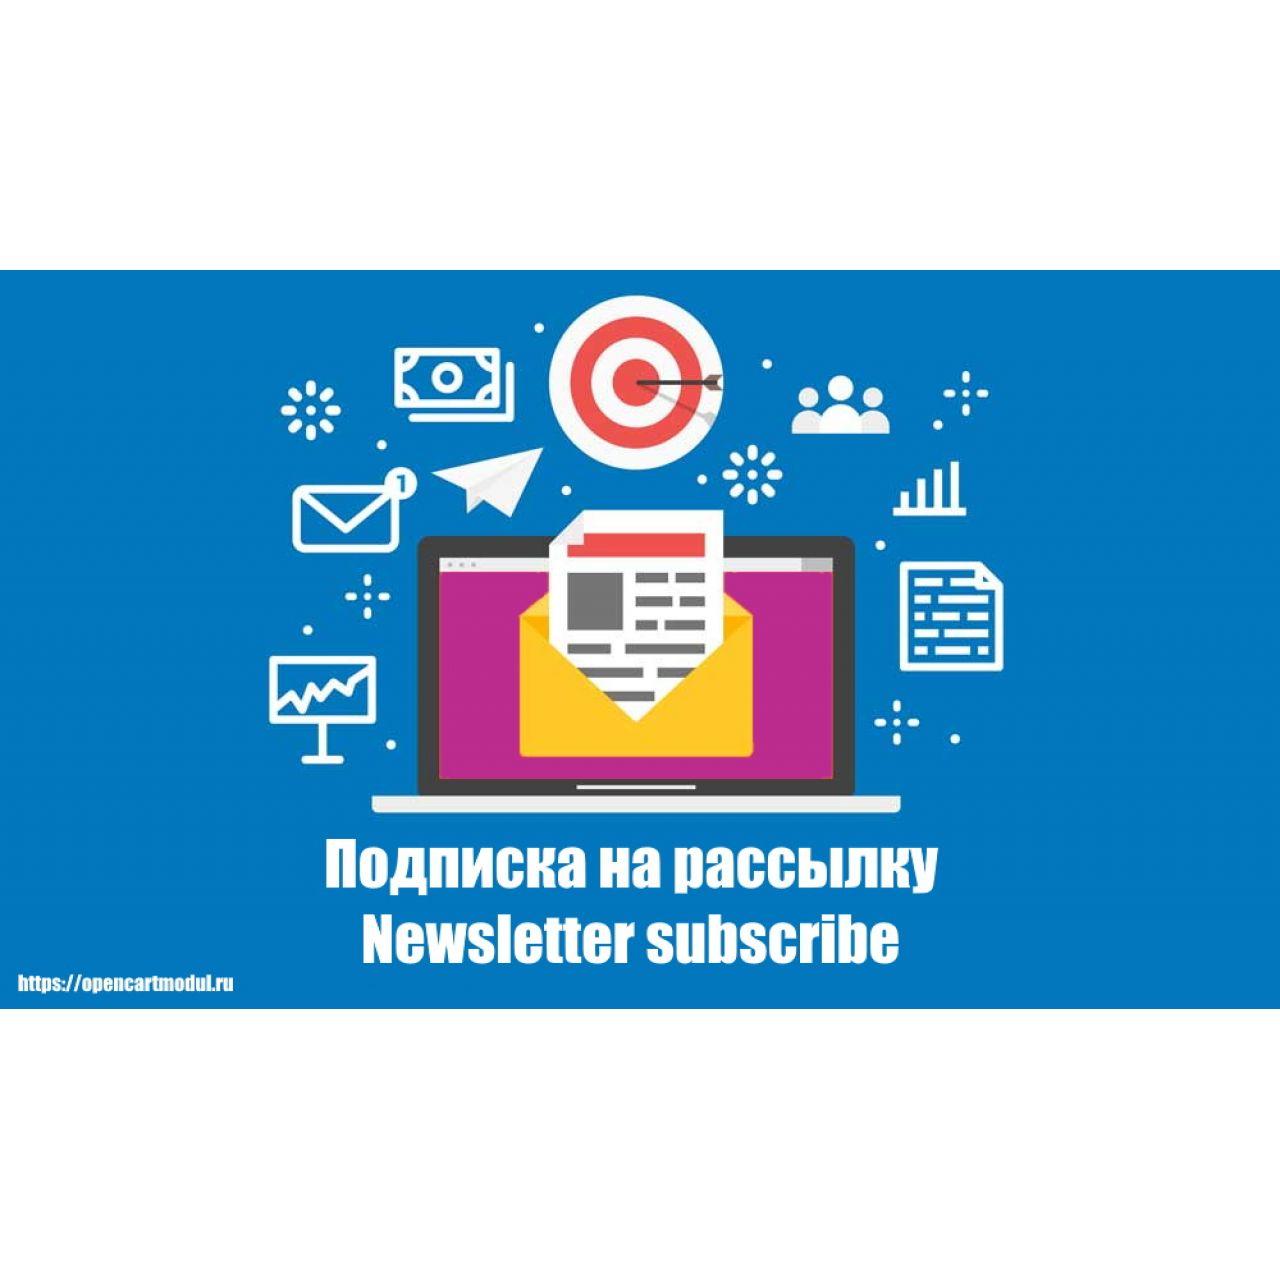 Подписка на рассылку из категории Новости, статьи, блоги для CMS OpenCart (ОпенКарт)